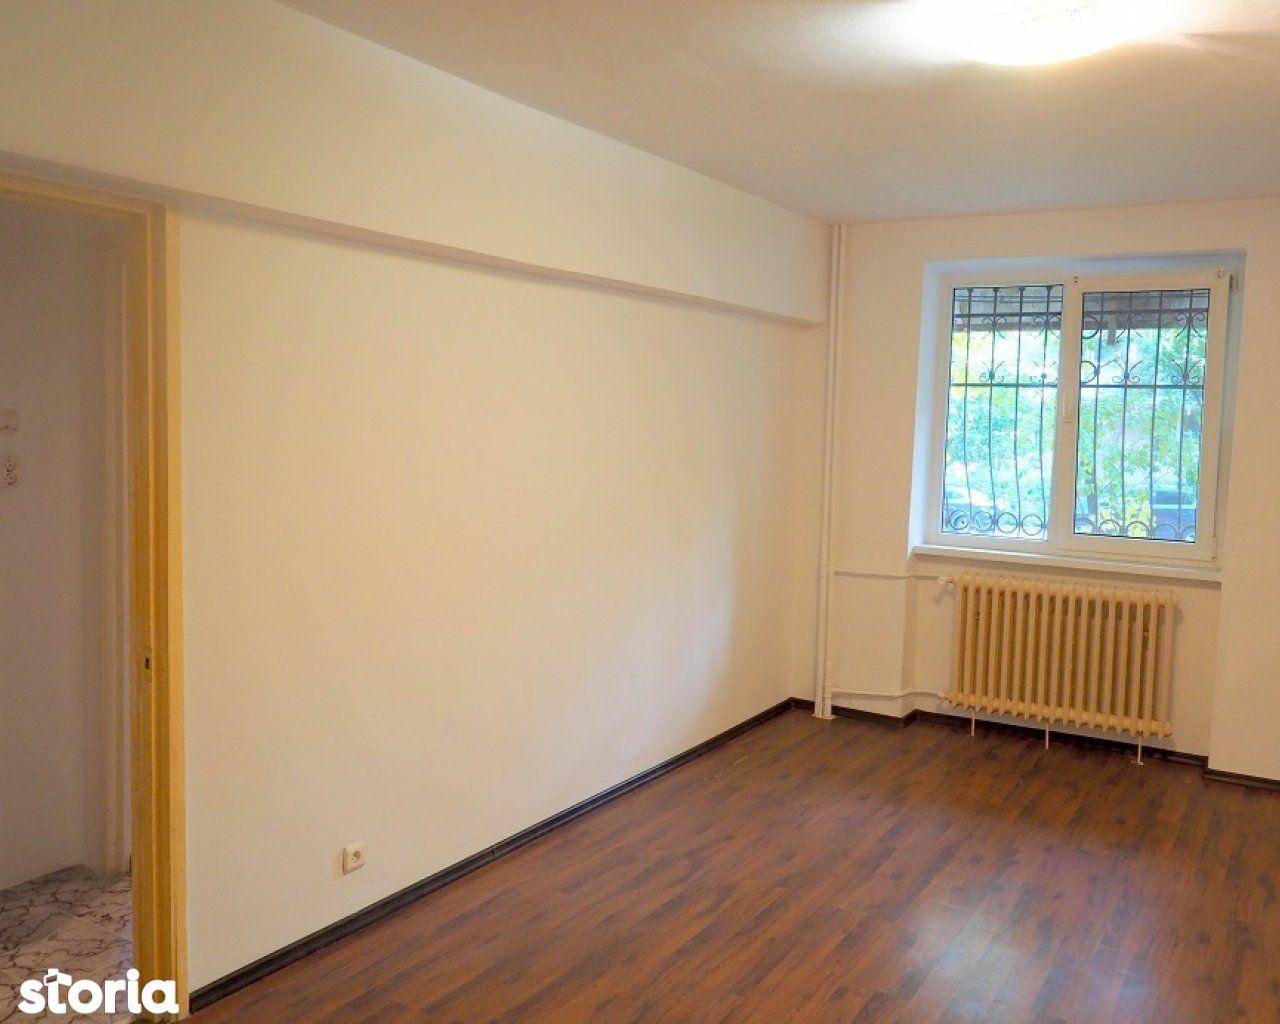 Apartament de vanzare, București (judet), Aleea Trestiana - Foto 2